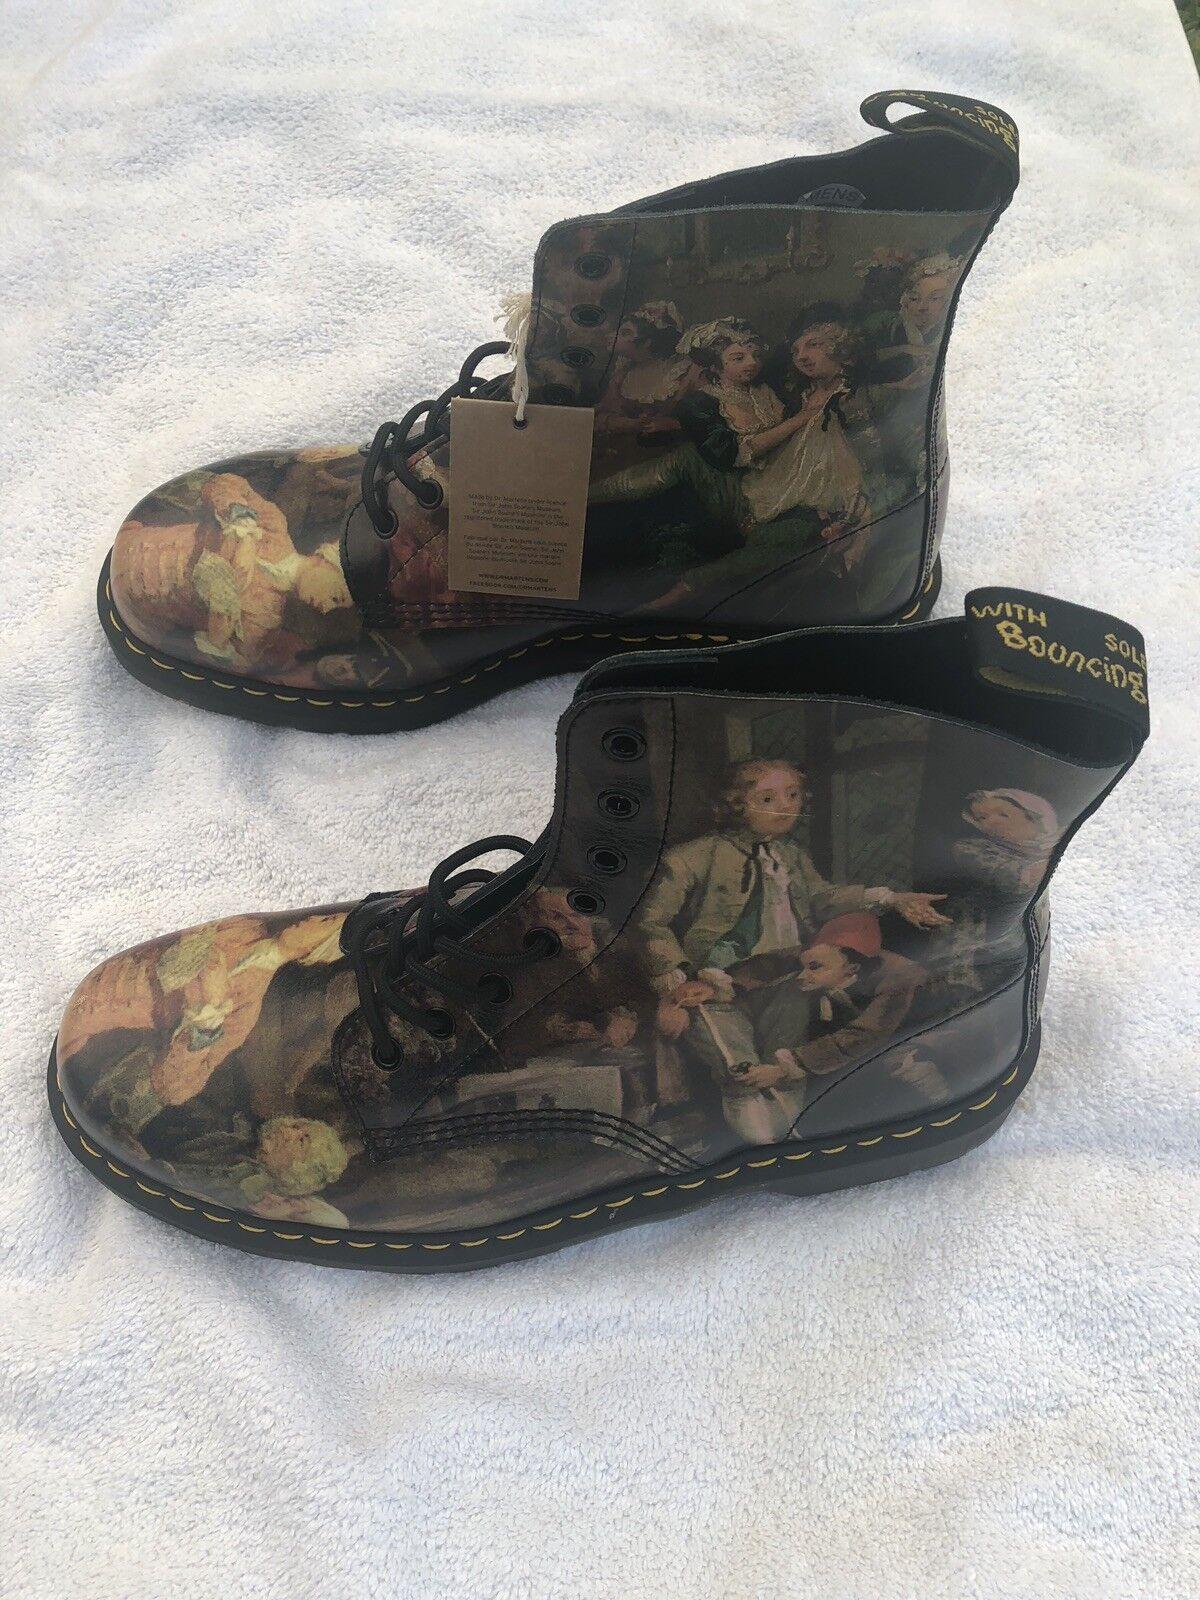 New New New Men Dr. Doc Martens William Hogarth Pascal Stiefel US 13 M Renaissance 6ce2d8